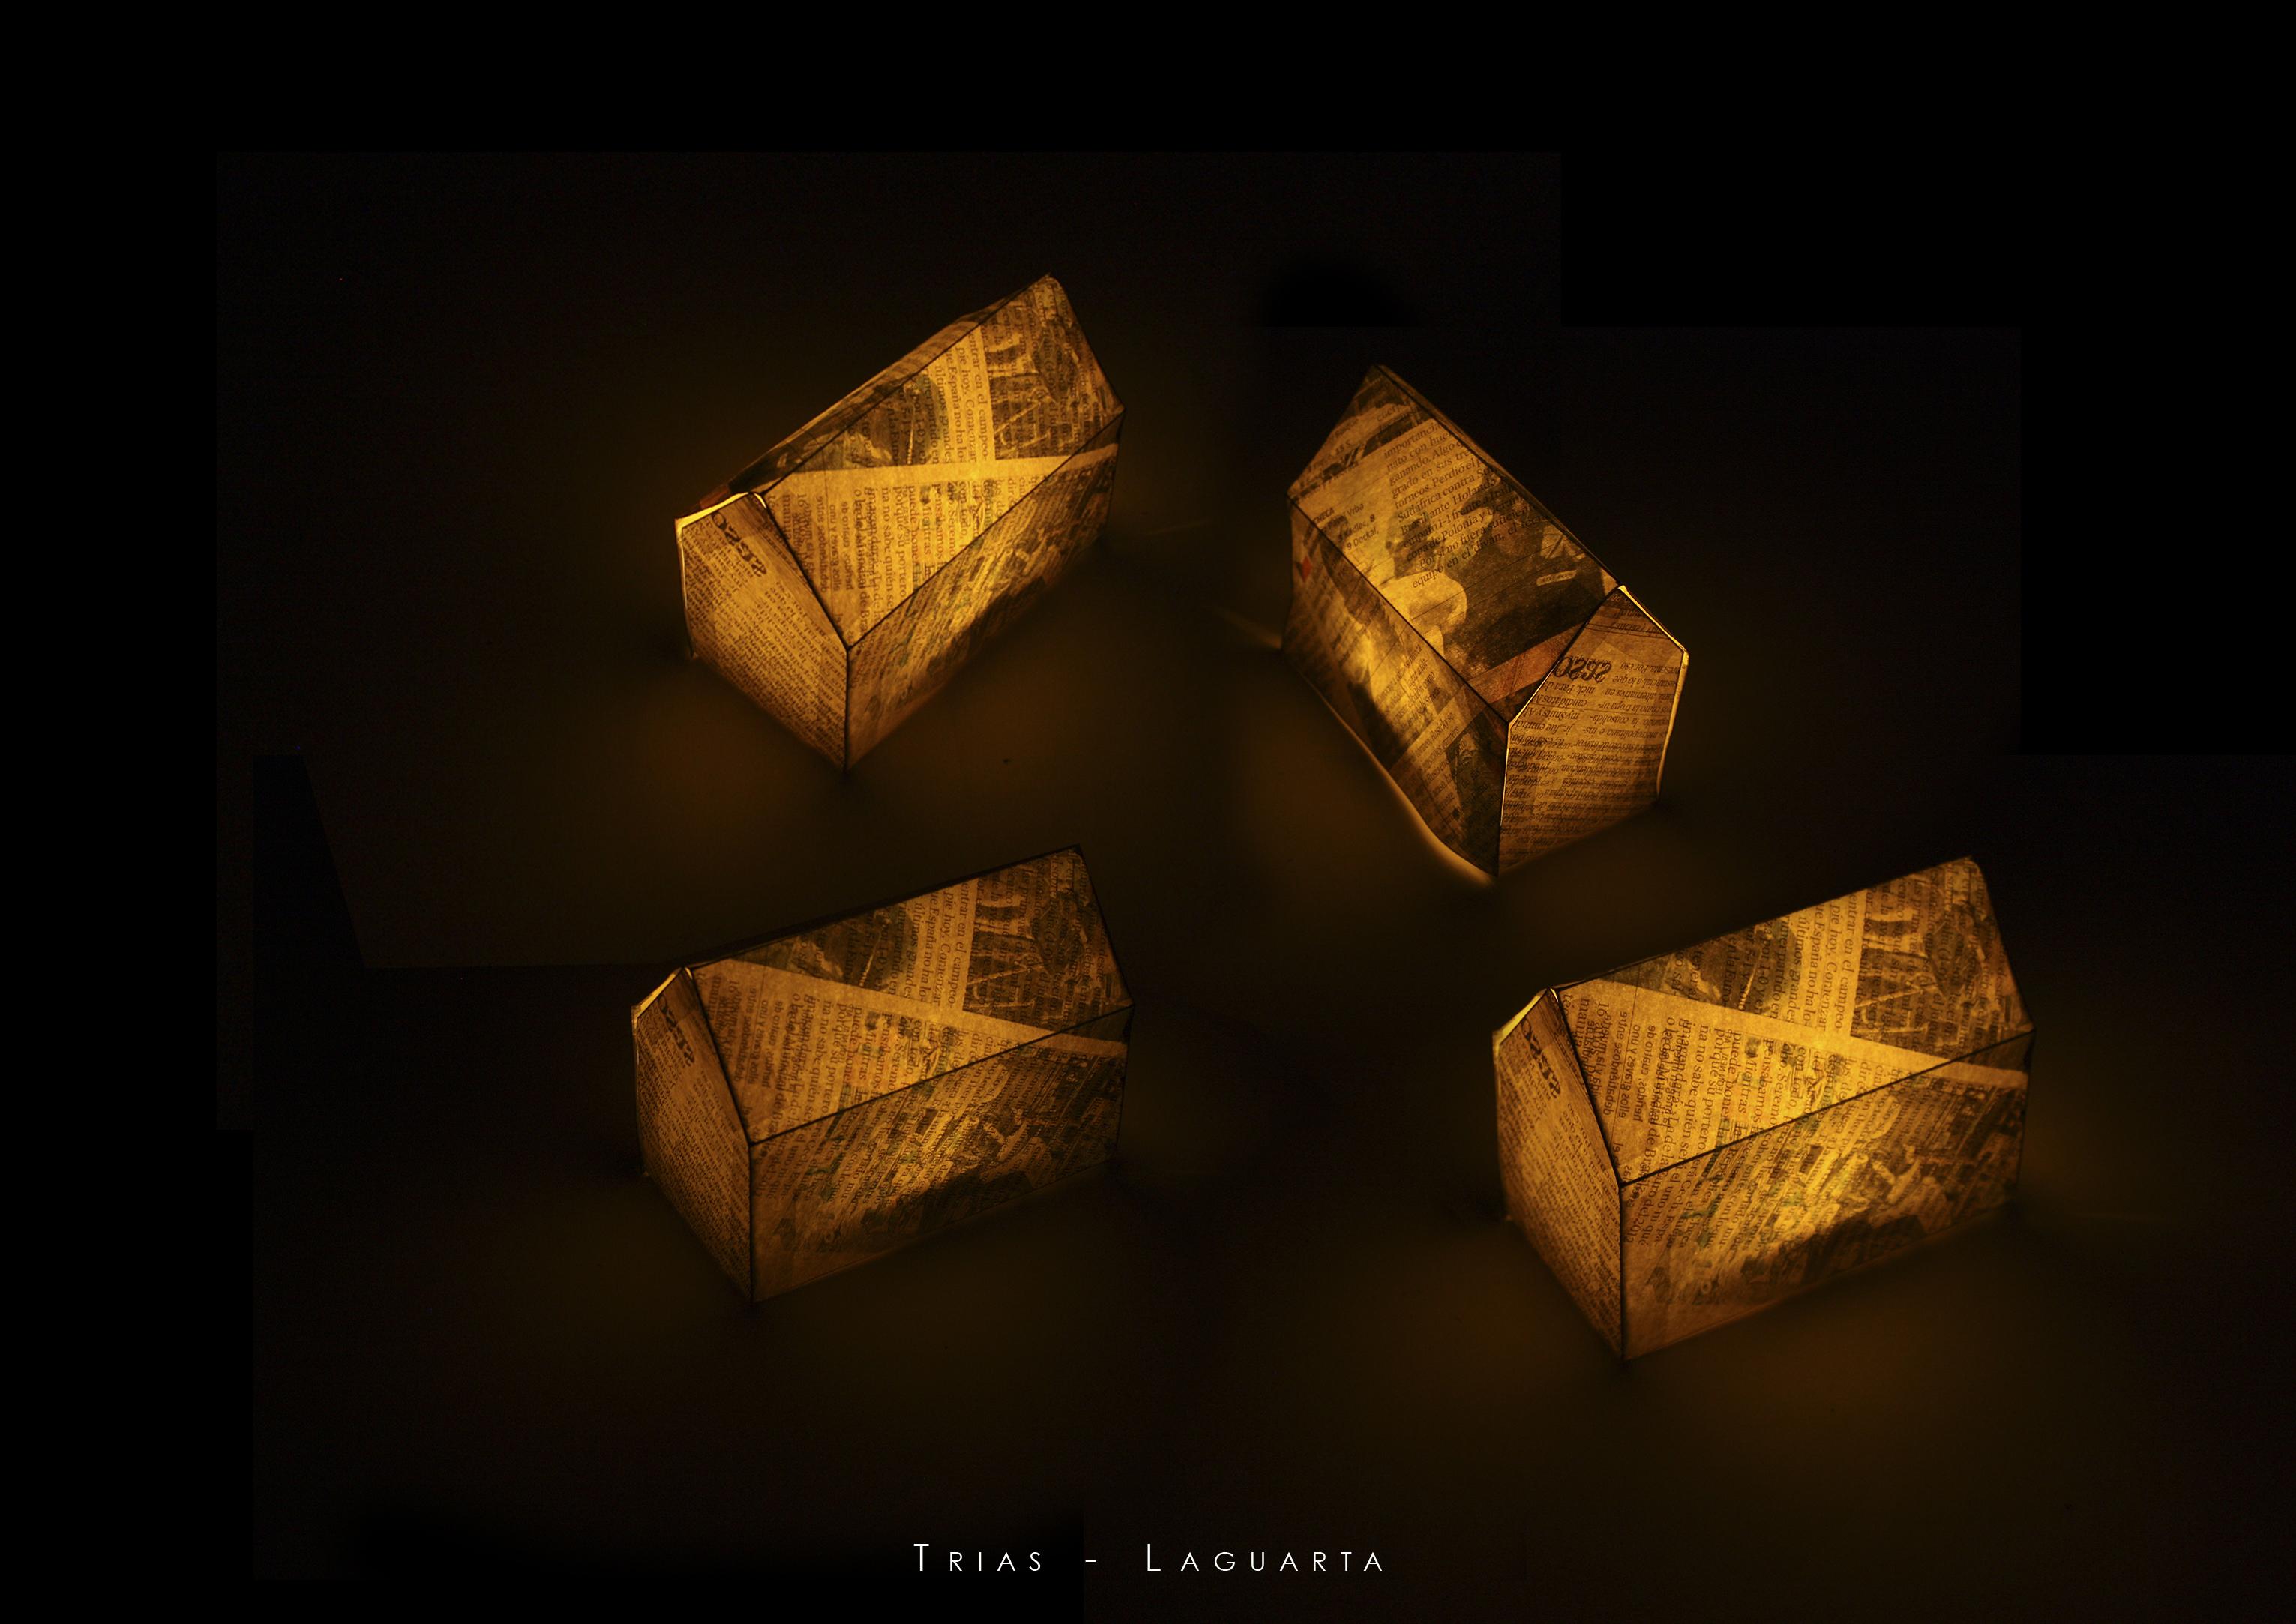 foto: Trias Laguarta